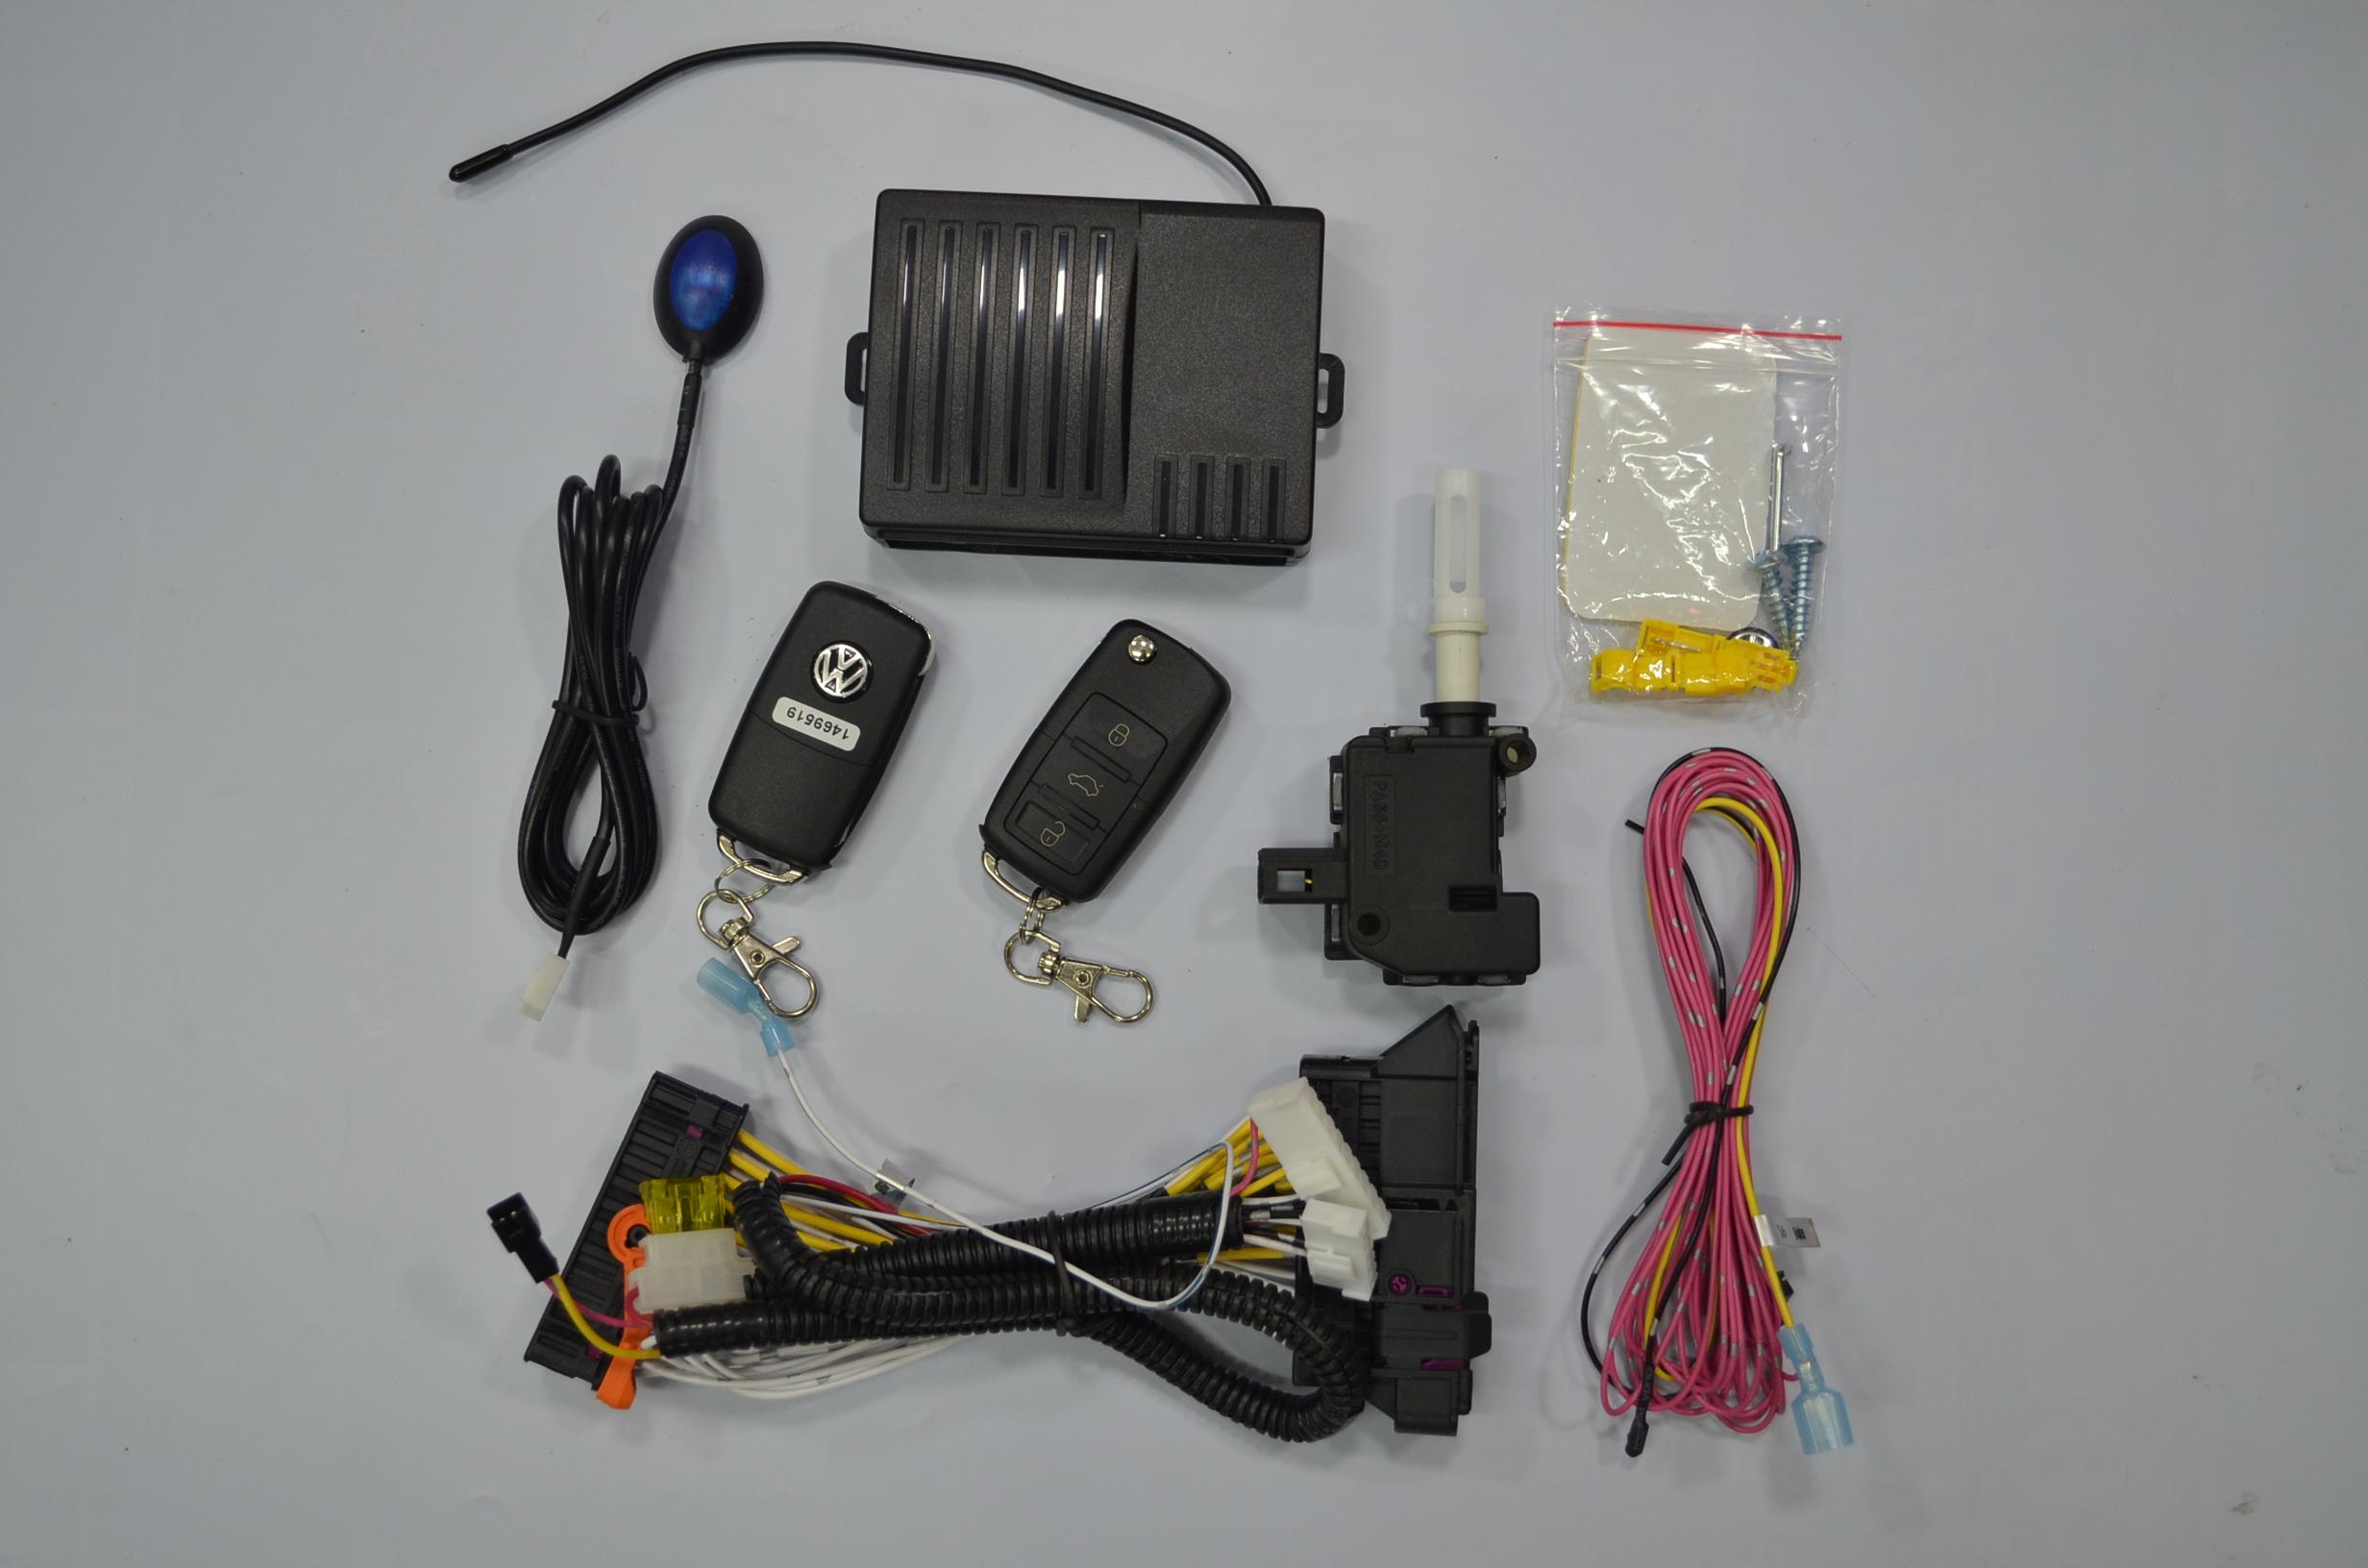 我公司主要生产倒车雷达、专用免接线防盗器跟摄像头,有需要的朋友可以联系我:13802912873